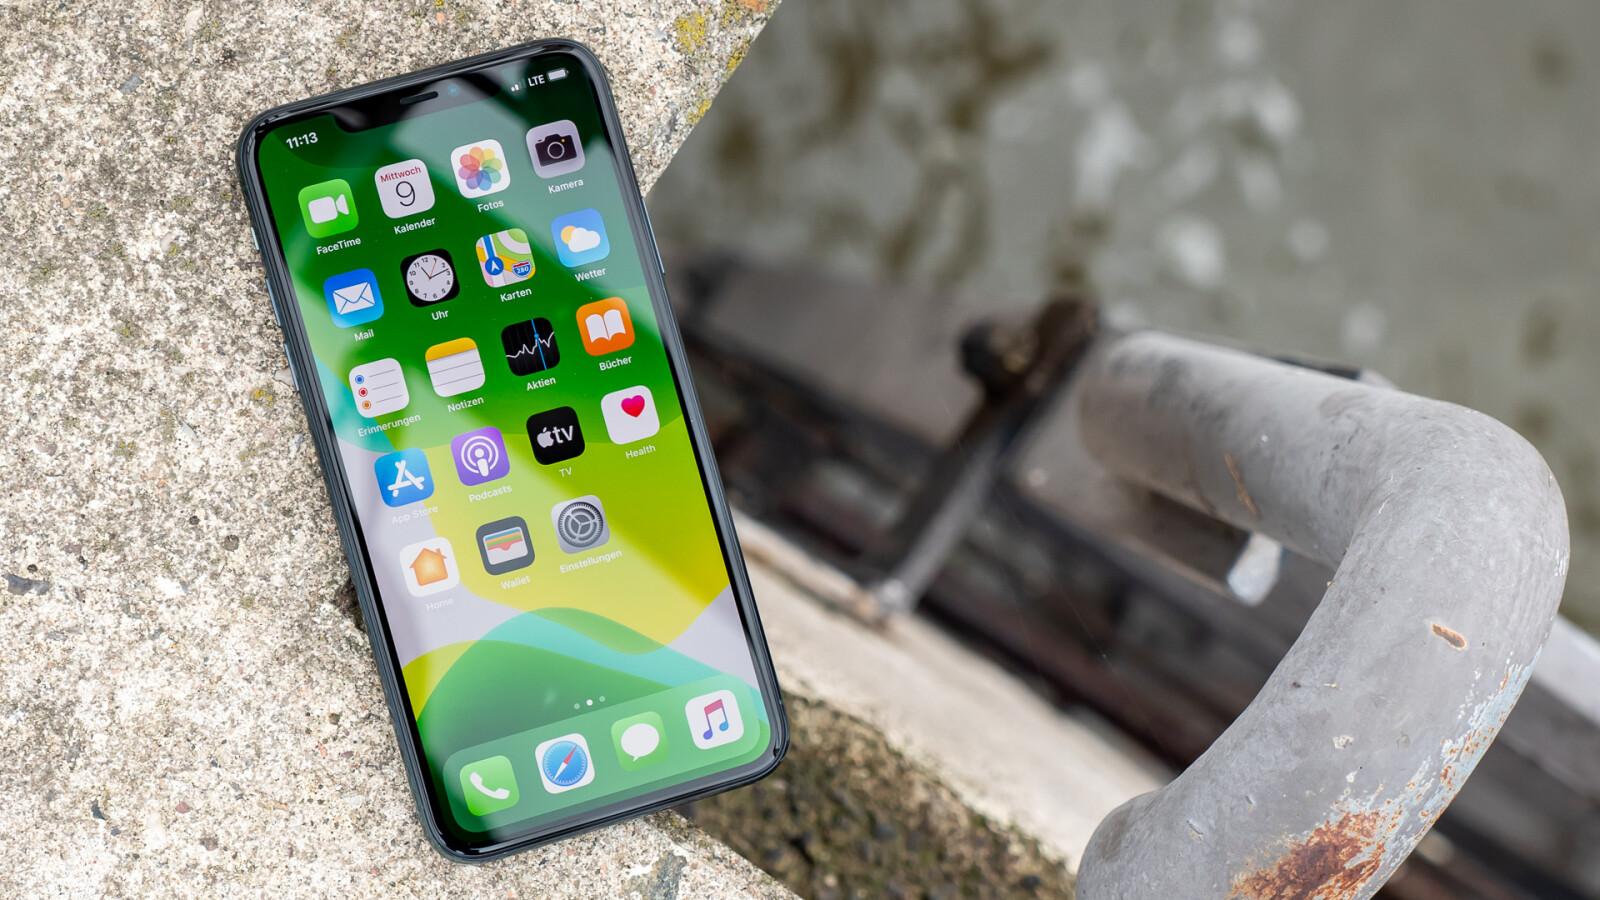 welches app brauche ich um iPhone 7 auszuspionieren kostenlos